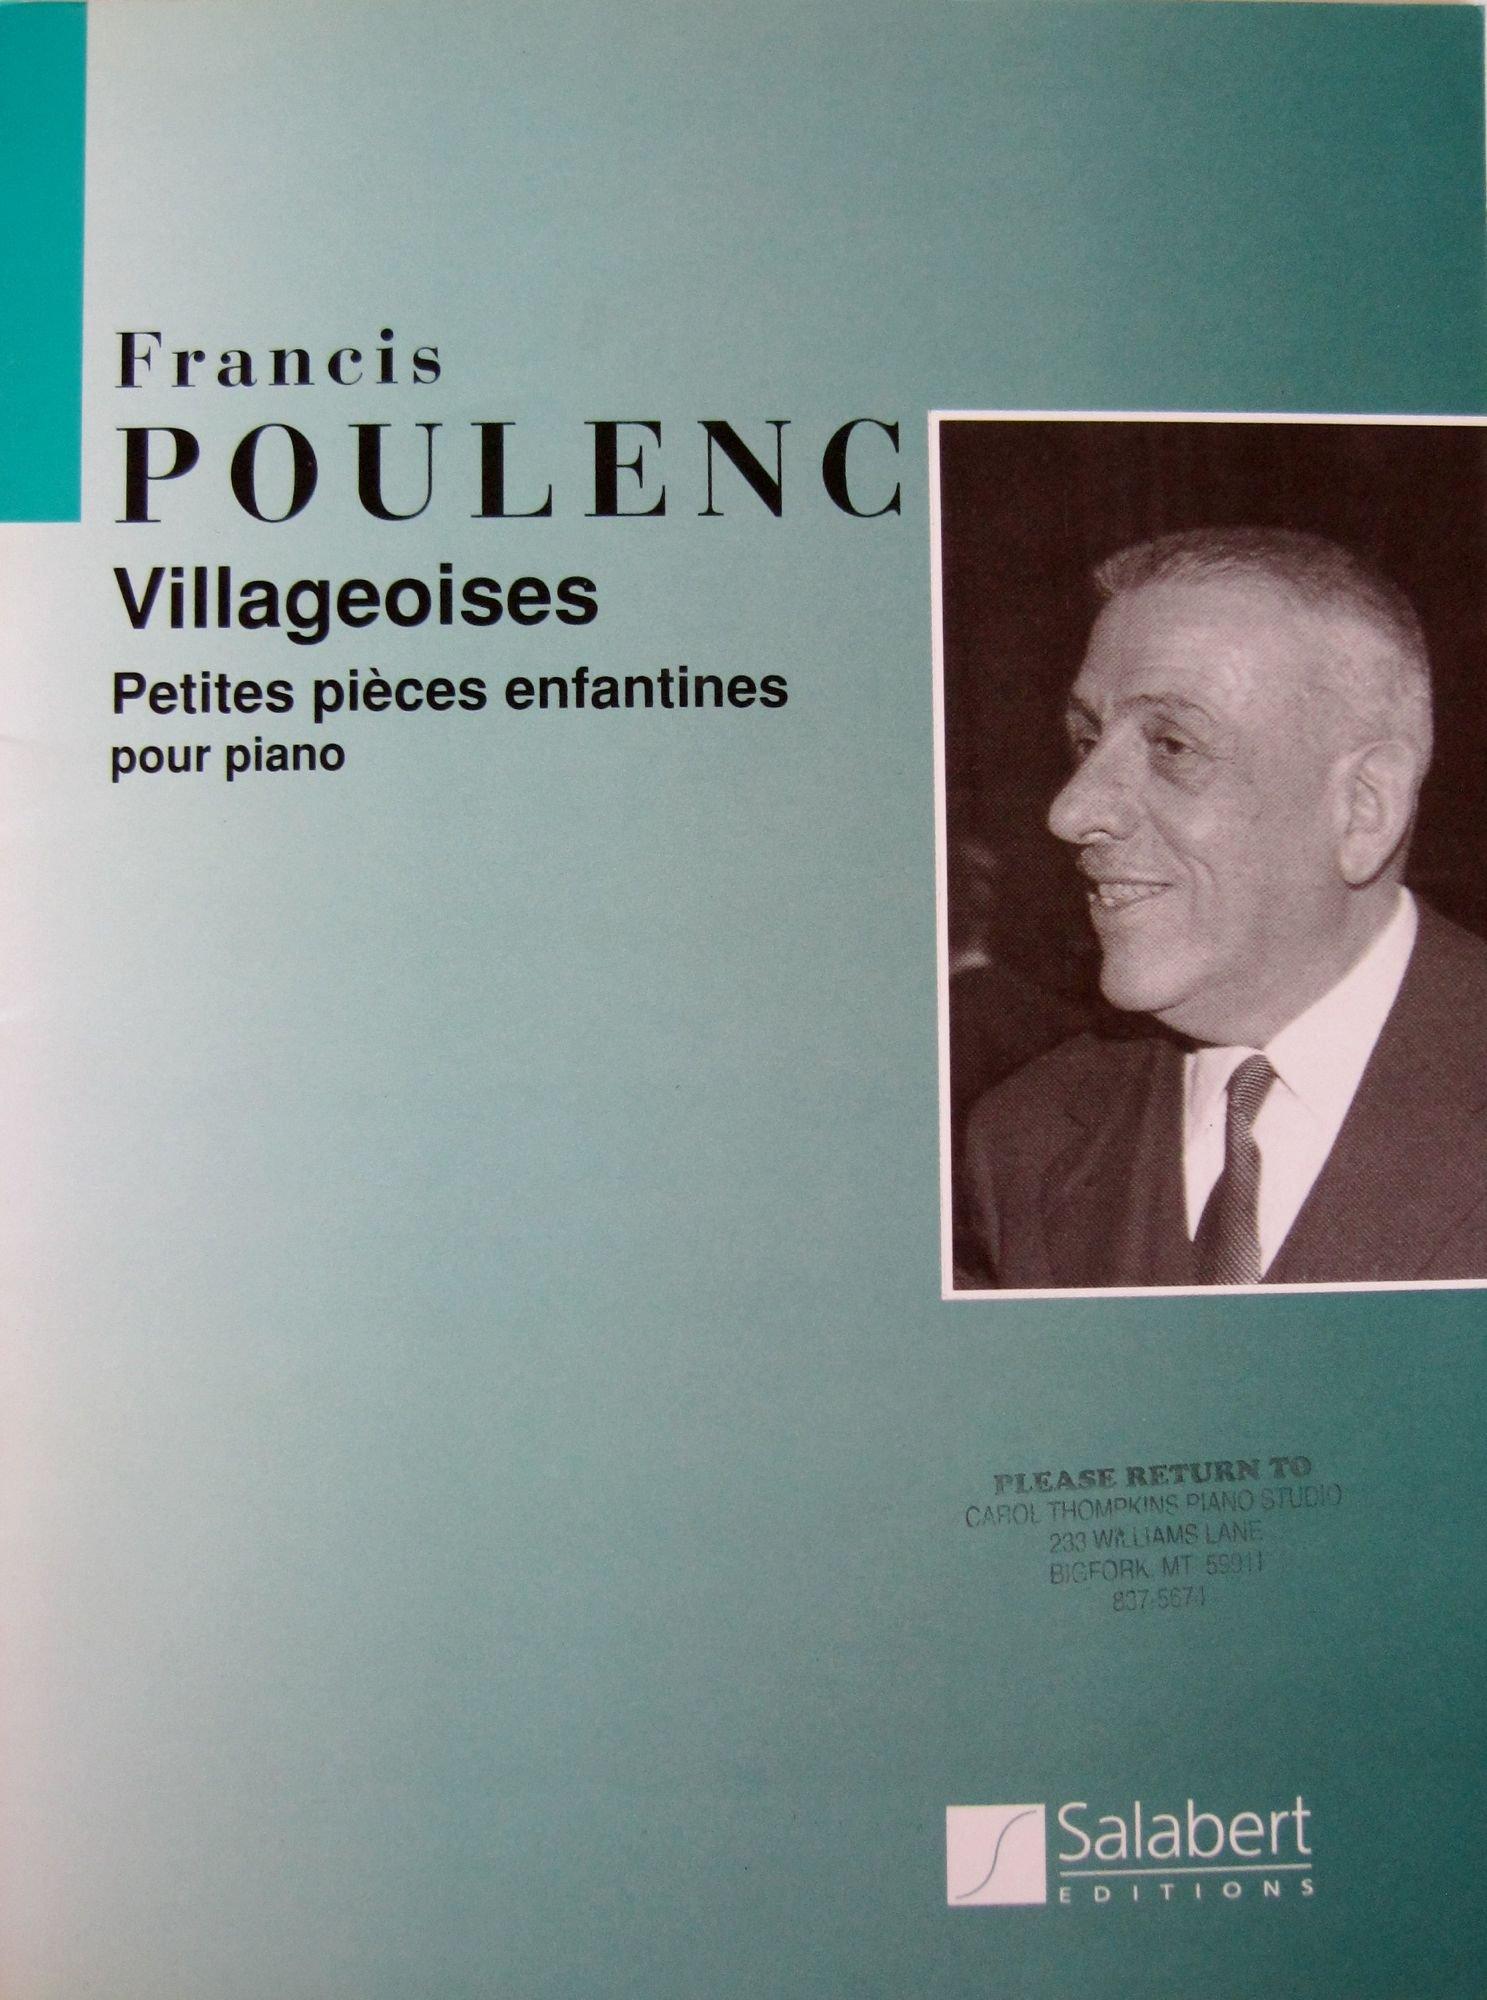 Villageoises (petites pièces enfantines) - Piano, Francis Poulenc